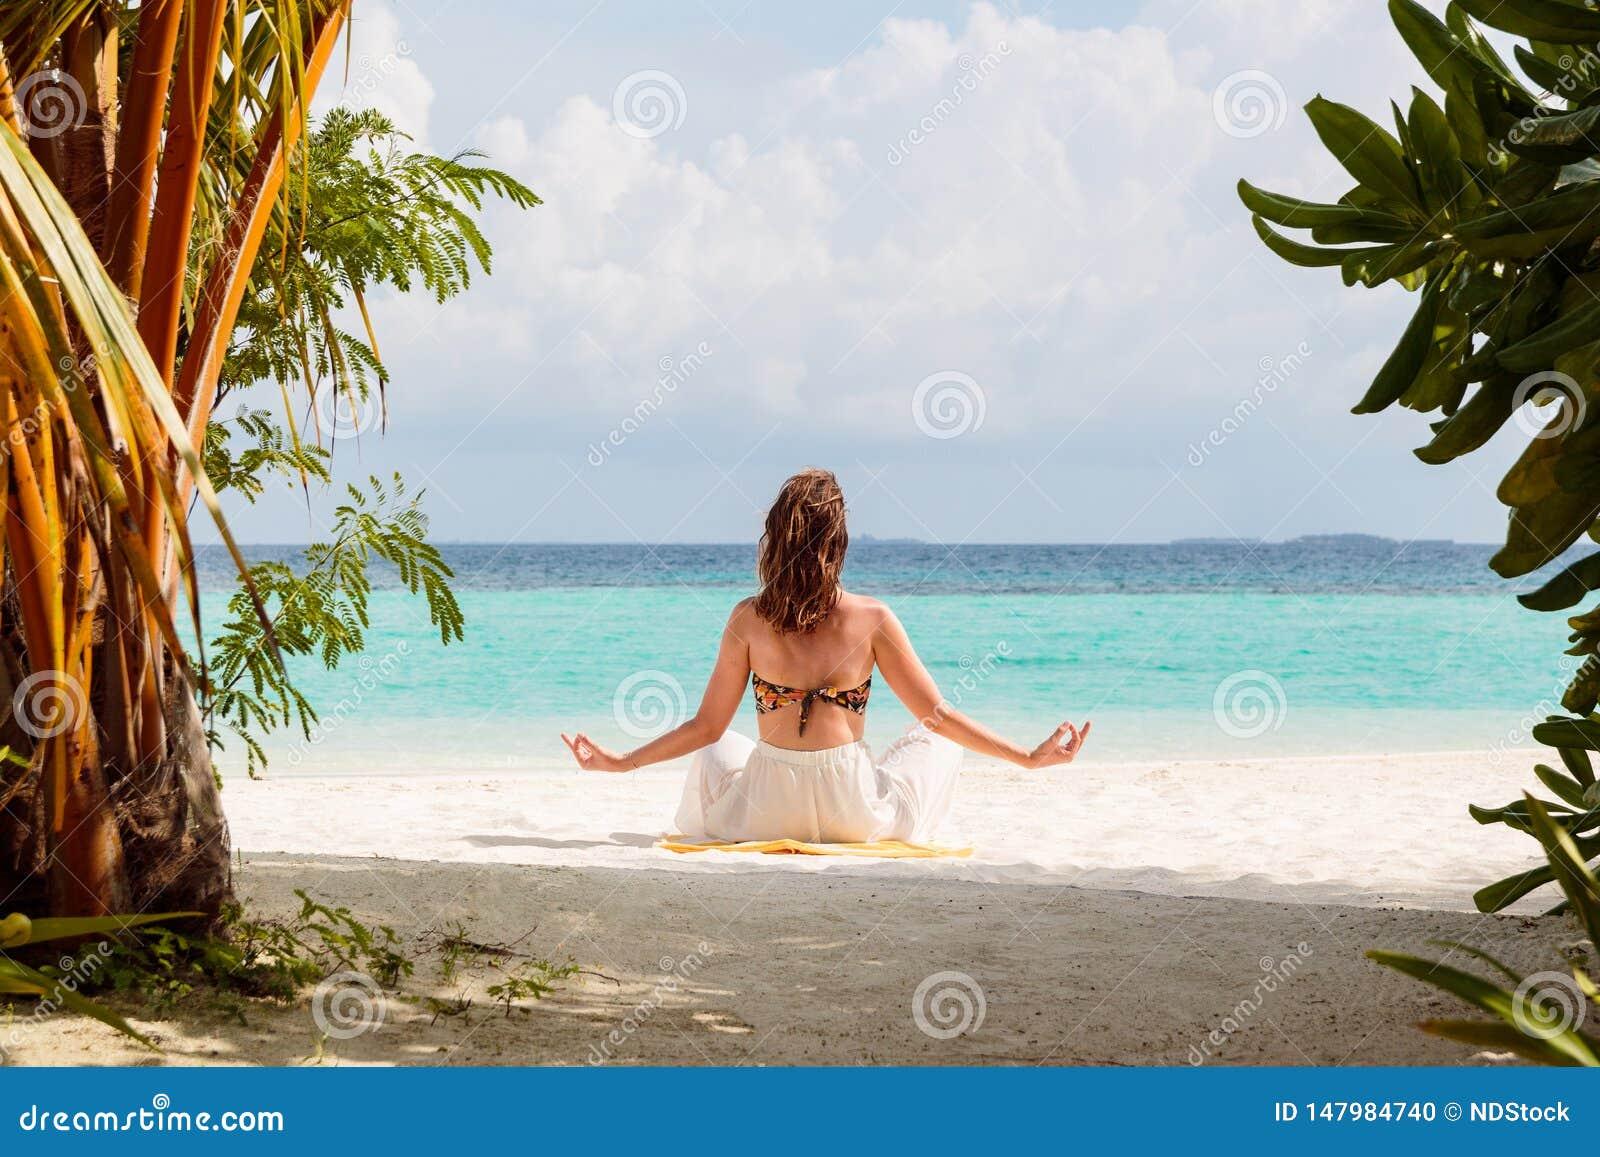 Imagen de la parte posterior de una mujer joven que reflexiona sobre una playa en los Maldivas